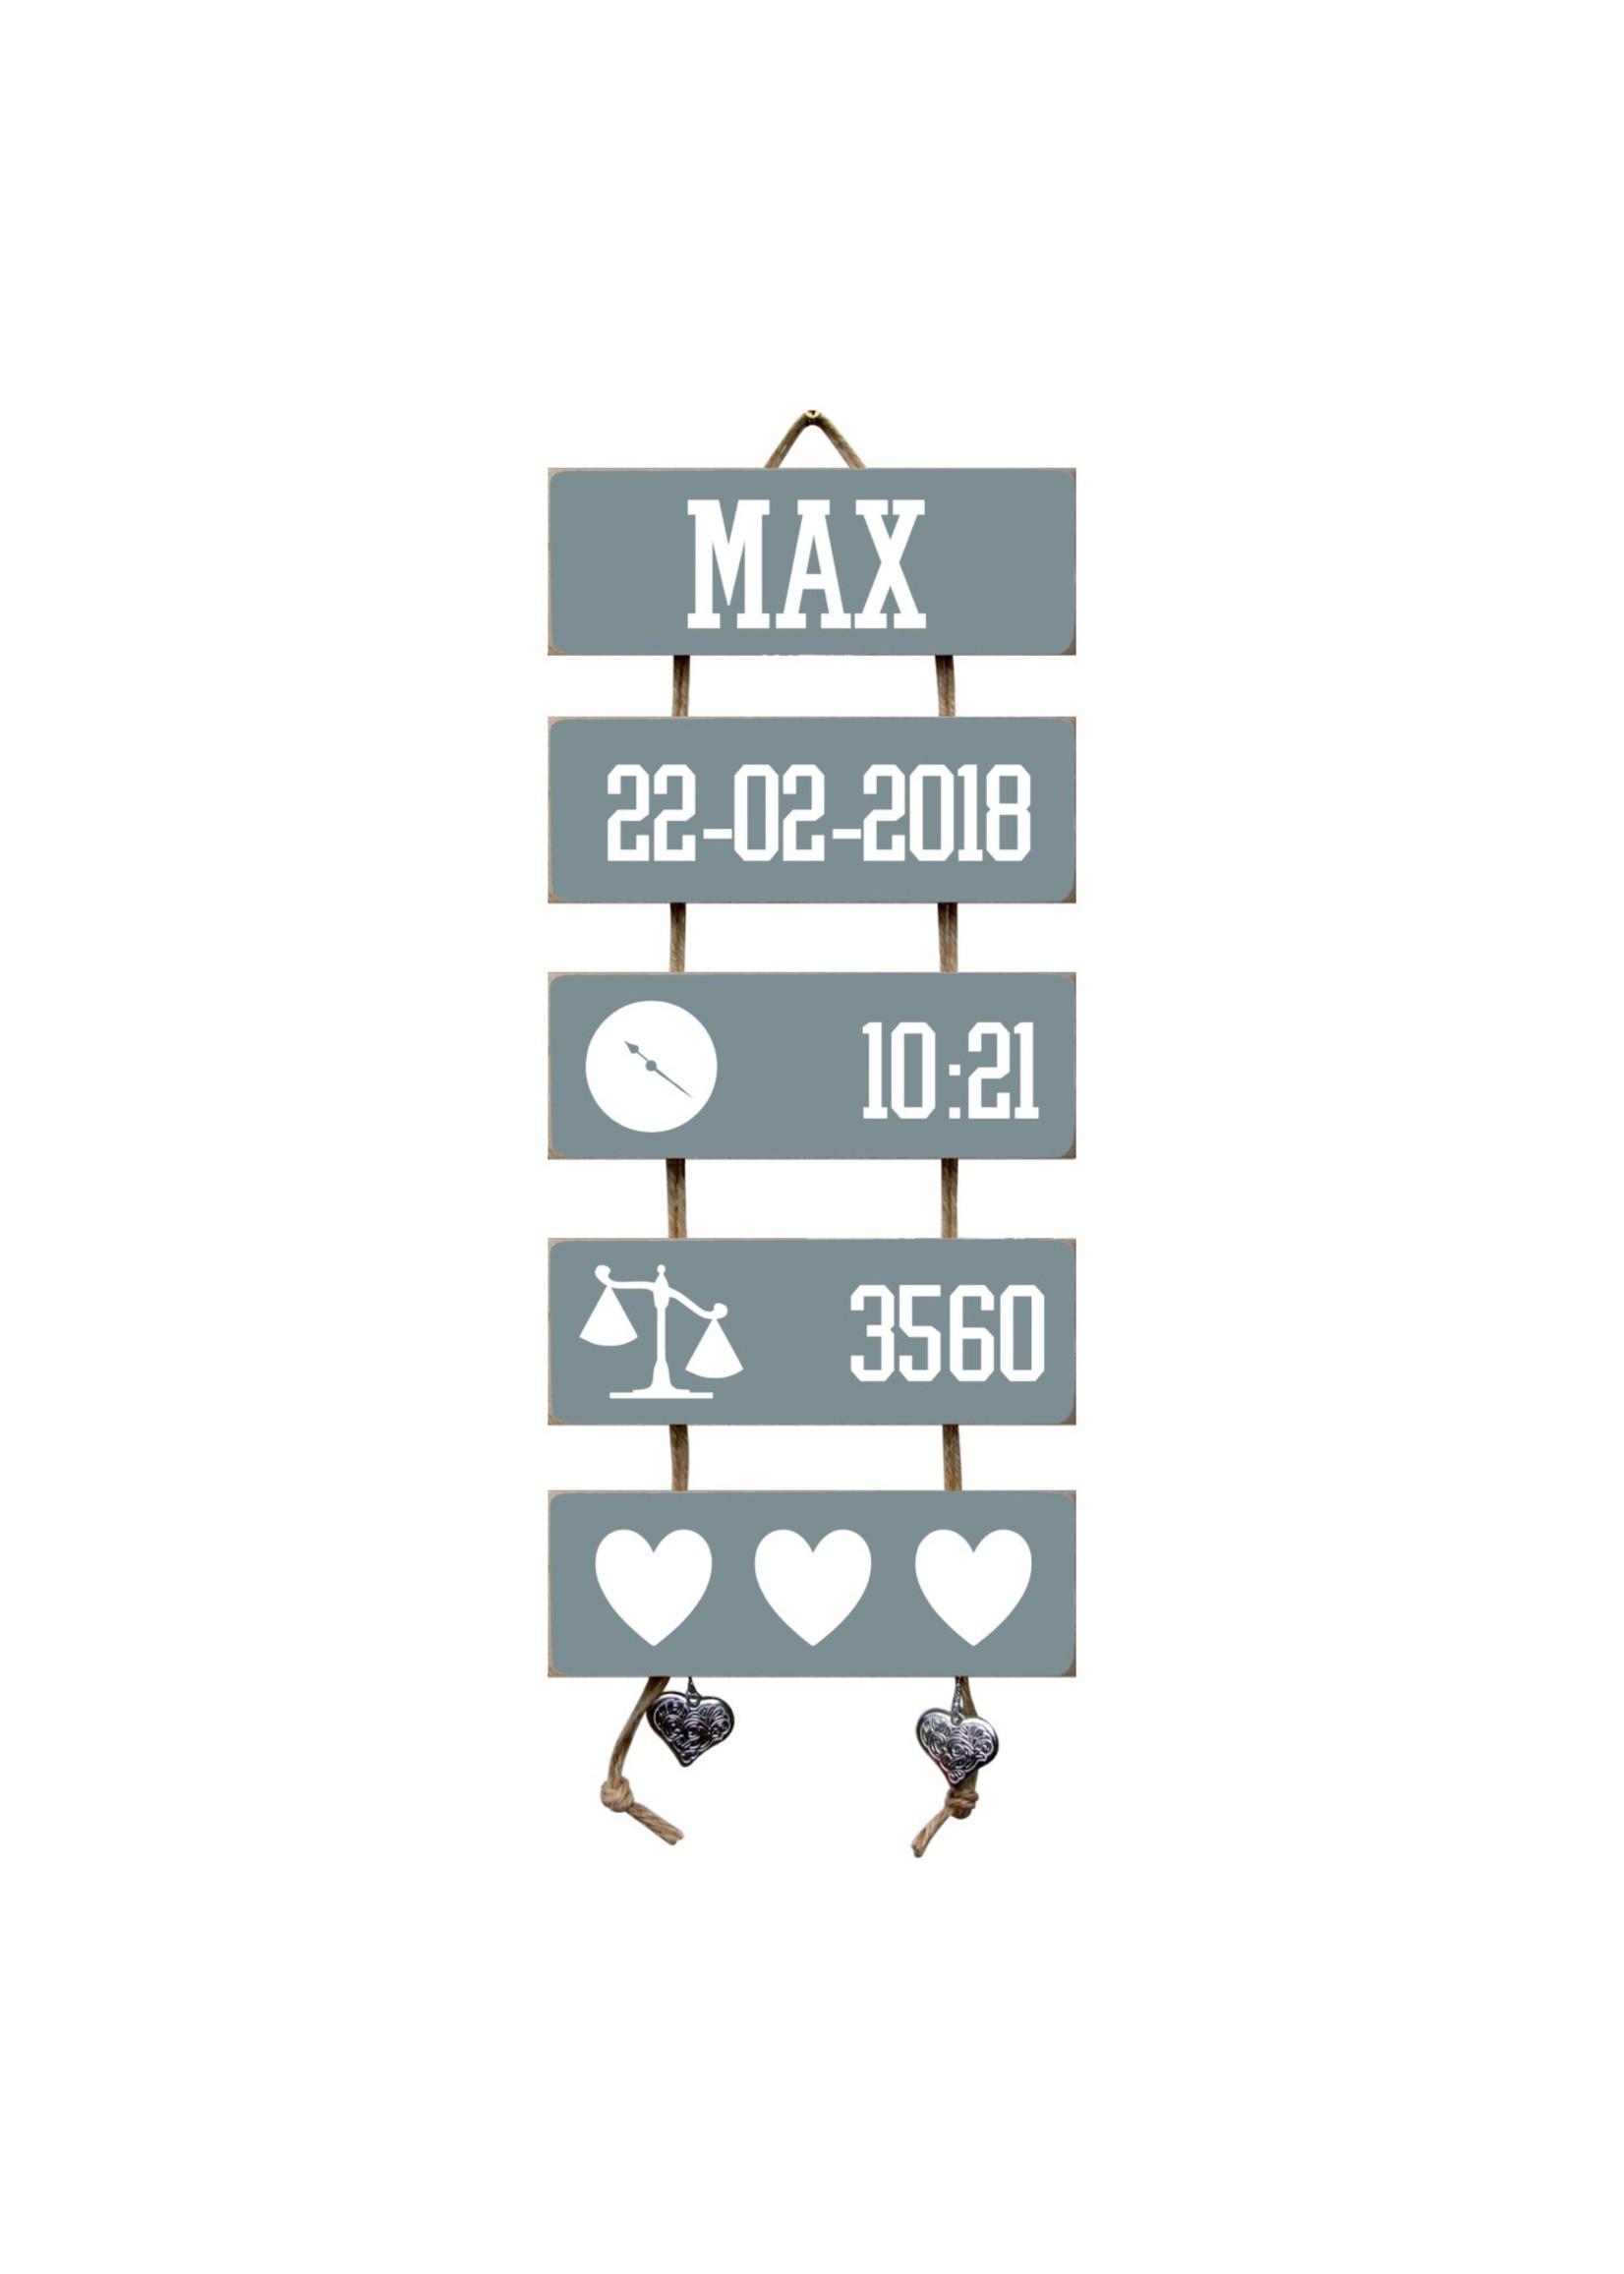 Kraamcadeau Geboorteladder Max Denim Drift Flexa